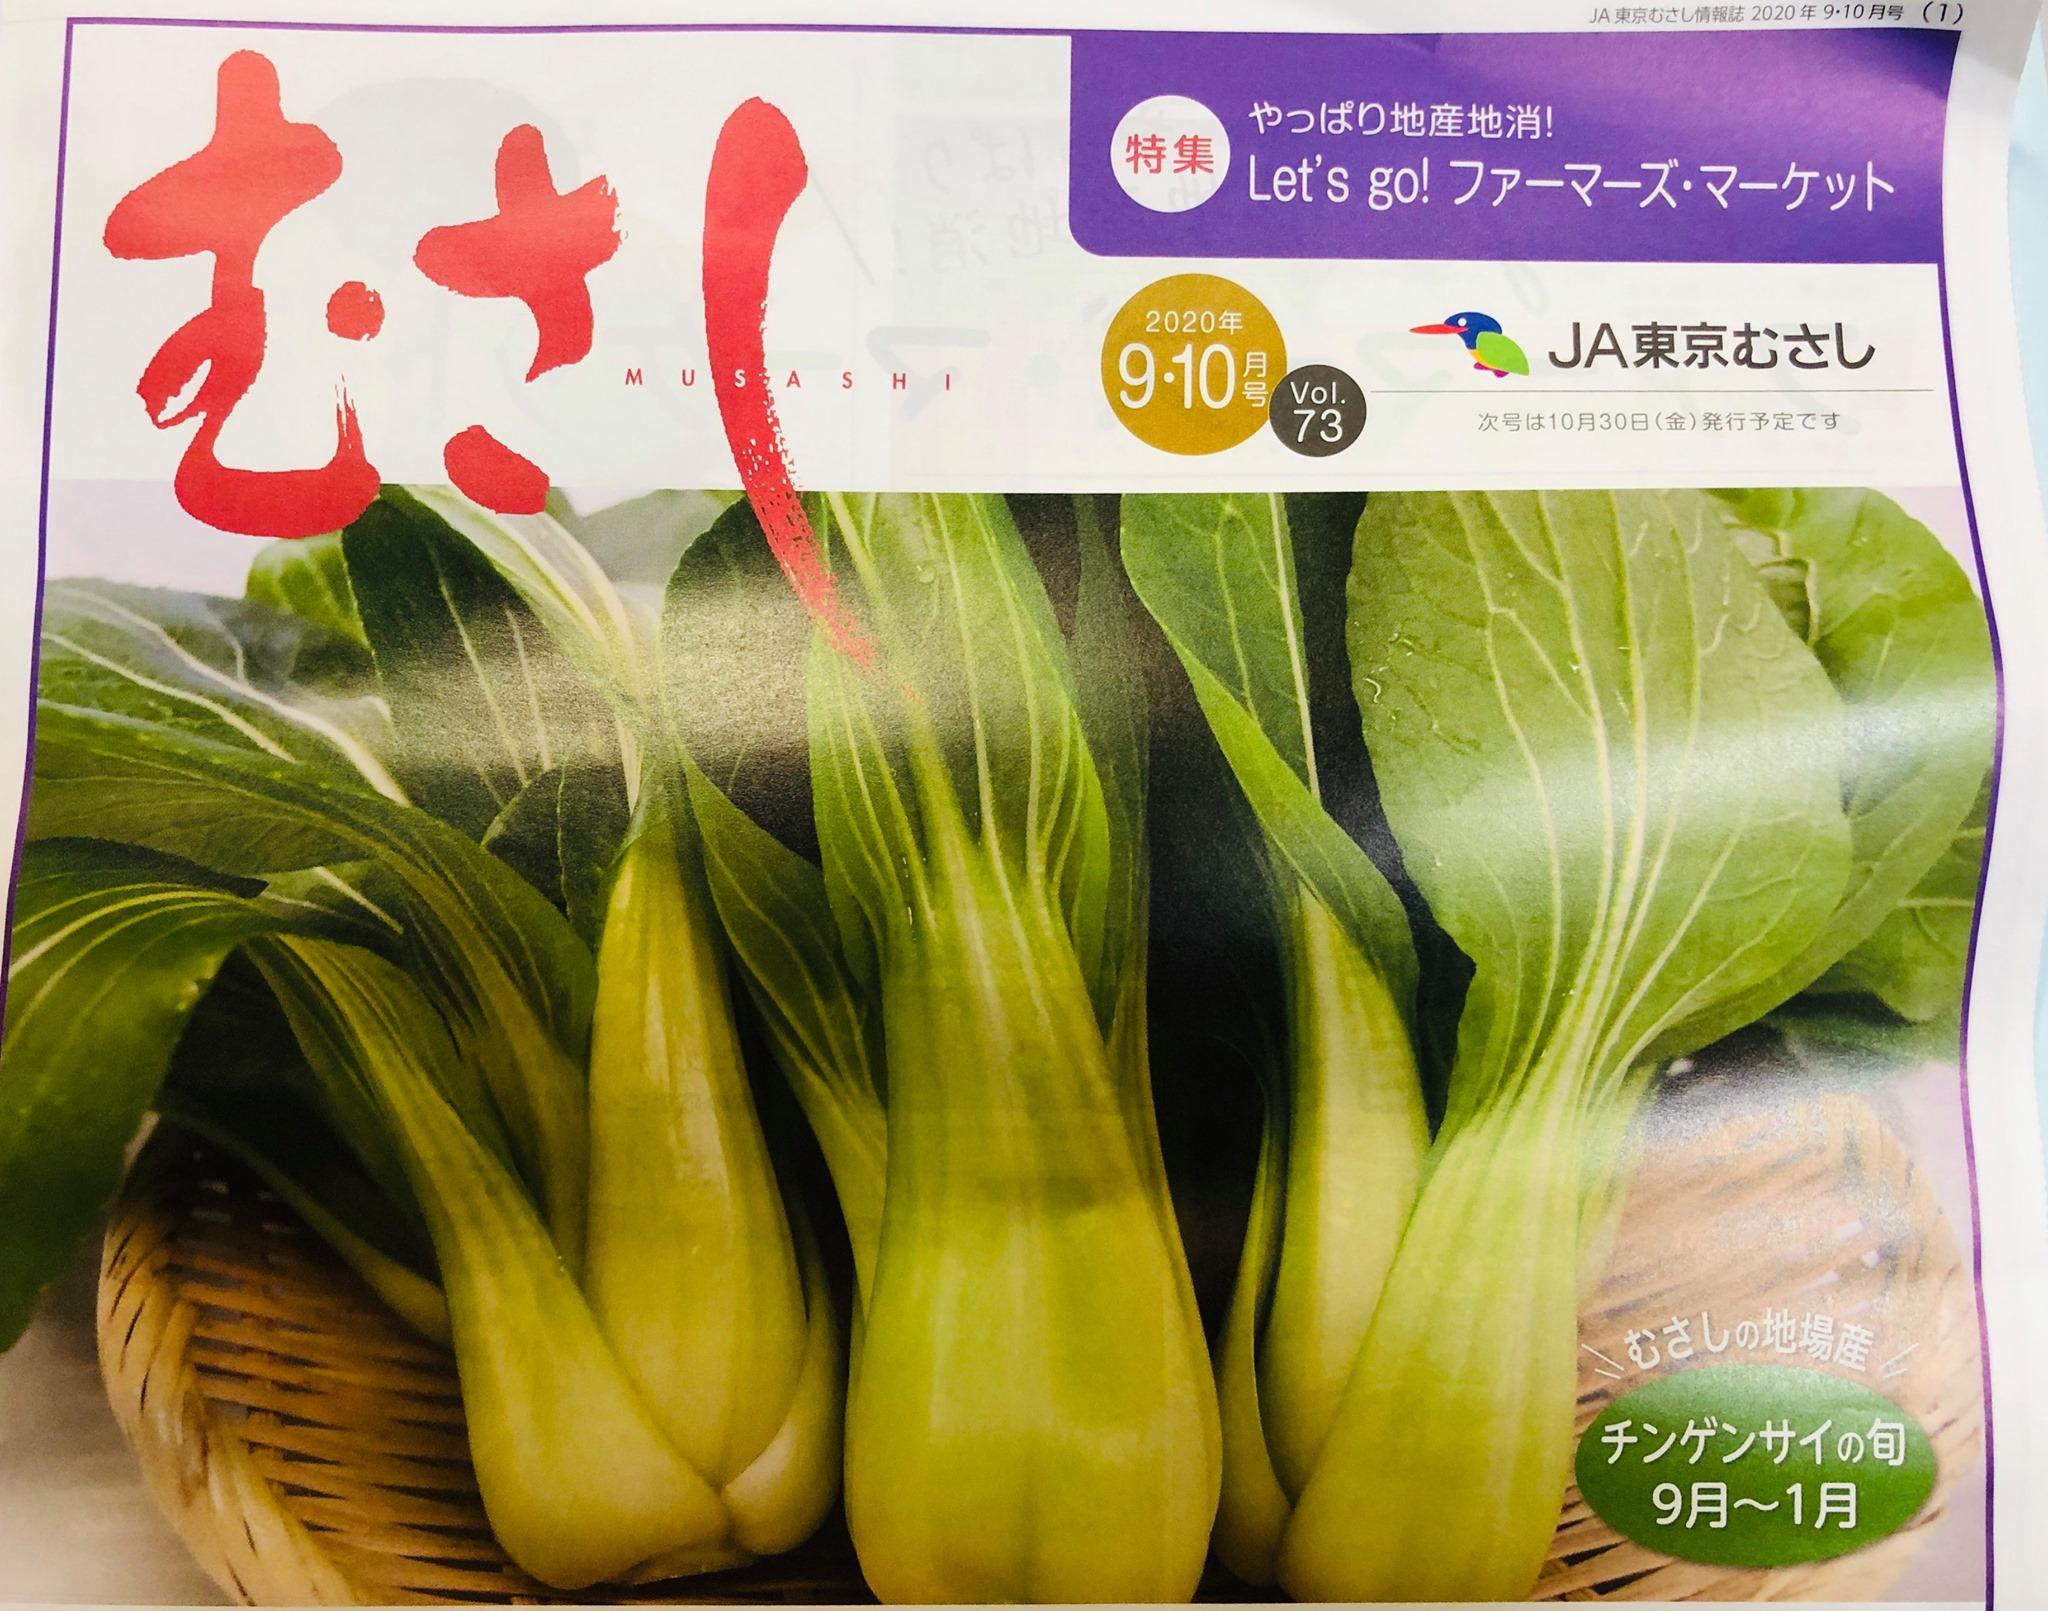 東京むさし農業協同組合(JA東京むさし)広報紙「むさし」9-10月号が届きました。